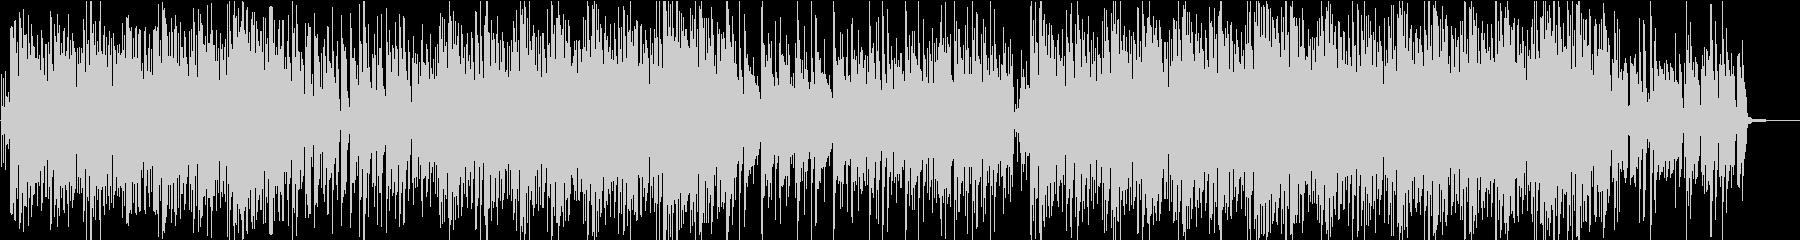 琴と三味線のおしゃれでポップな和風曲の未再生の波形